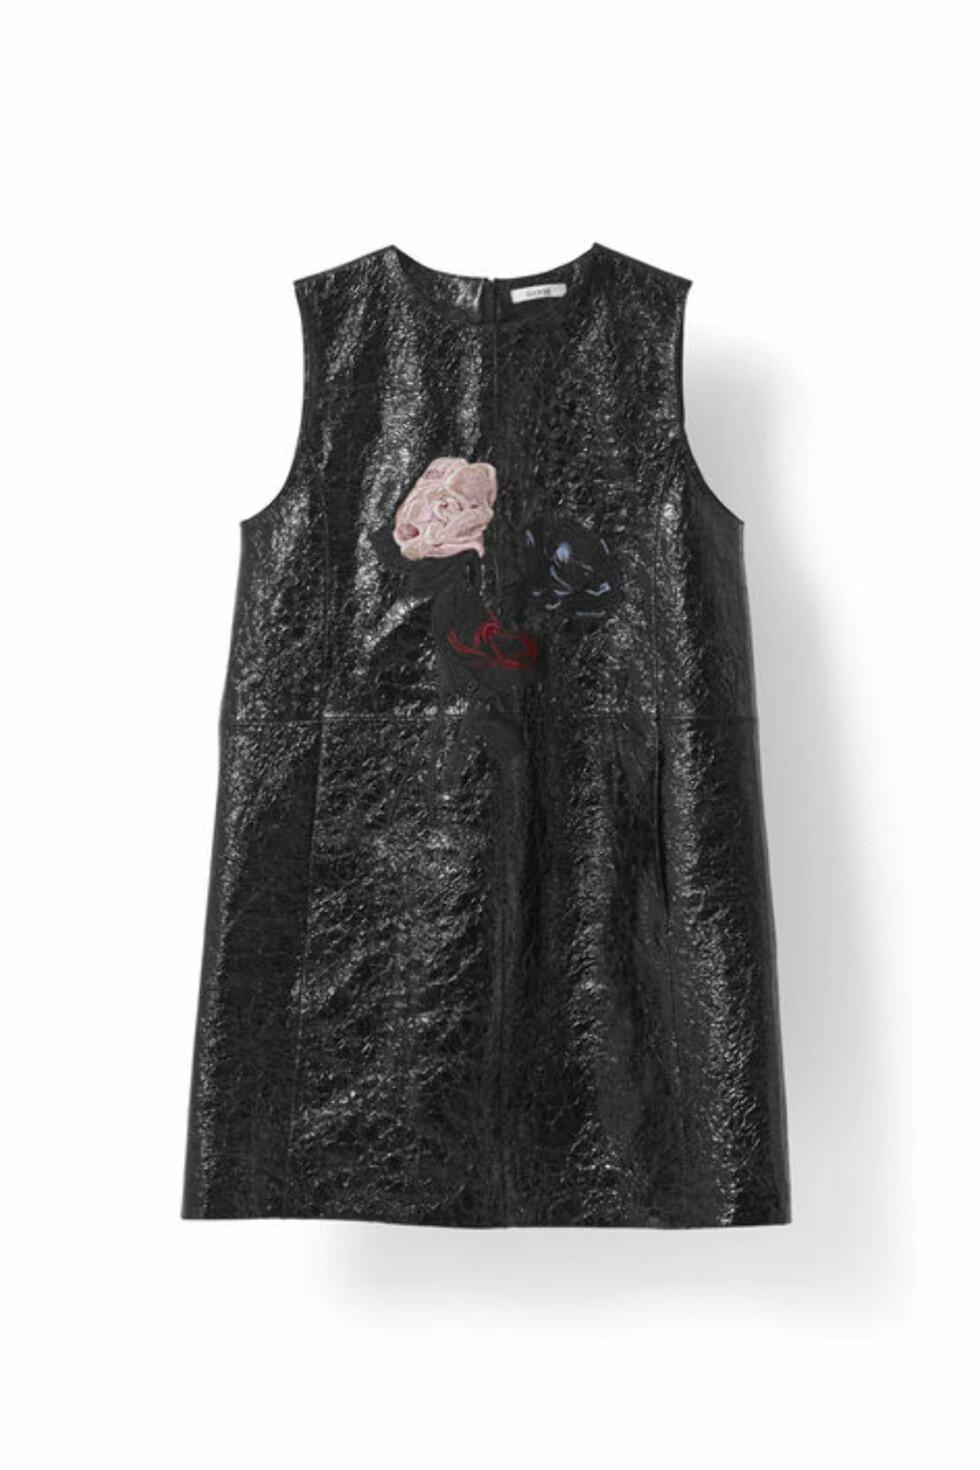 Kjole fra Ganni | kr 8 399 | http://www.ganni.com/shop/dresses/scott-leather-dress/F1440.html?dwvar_F1440_color=Black